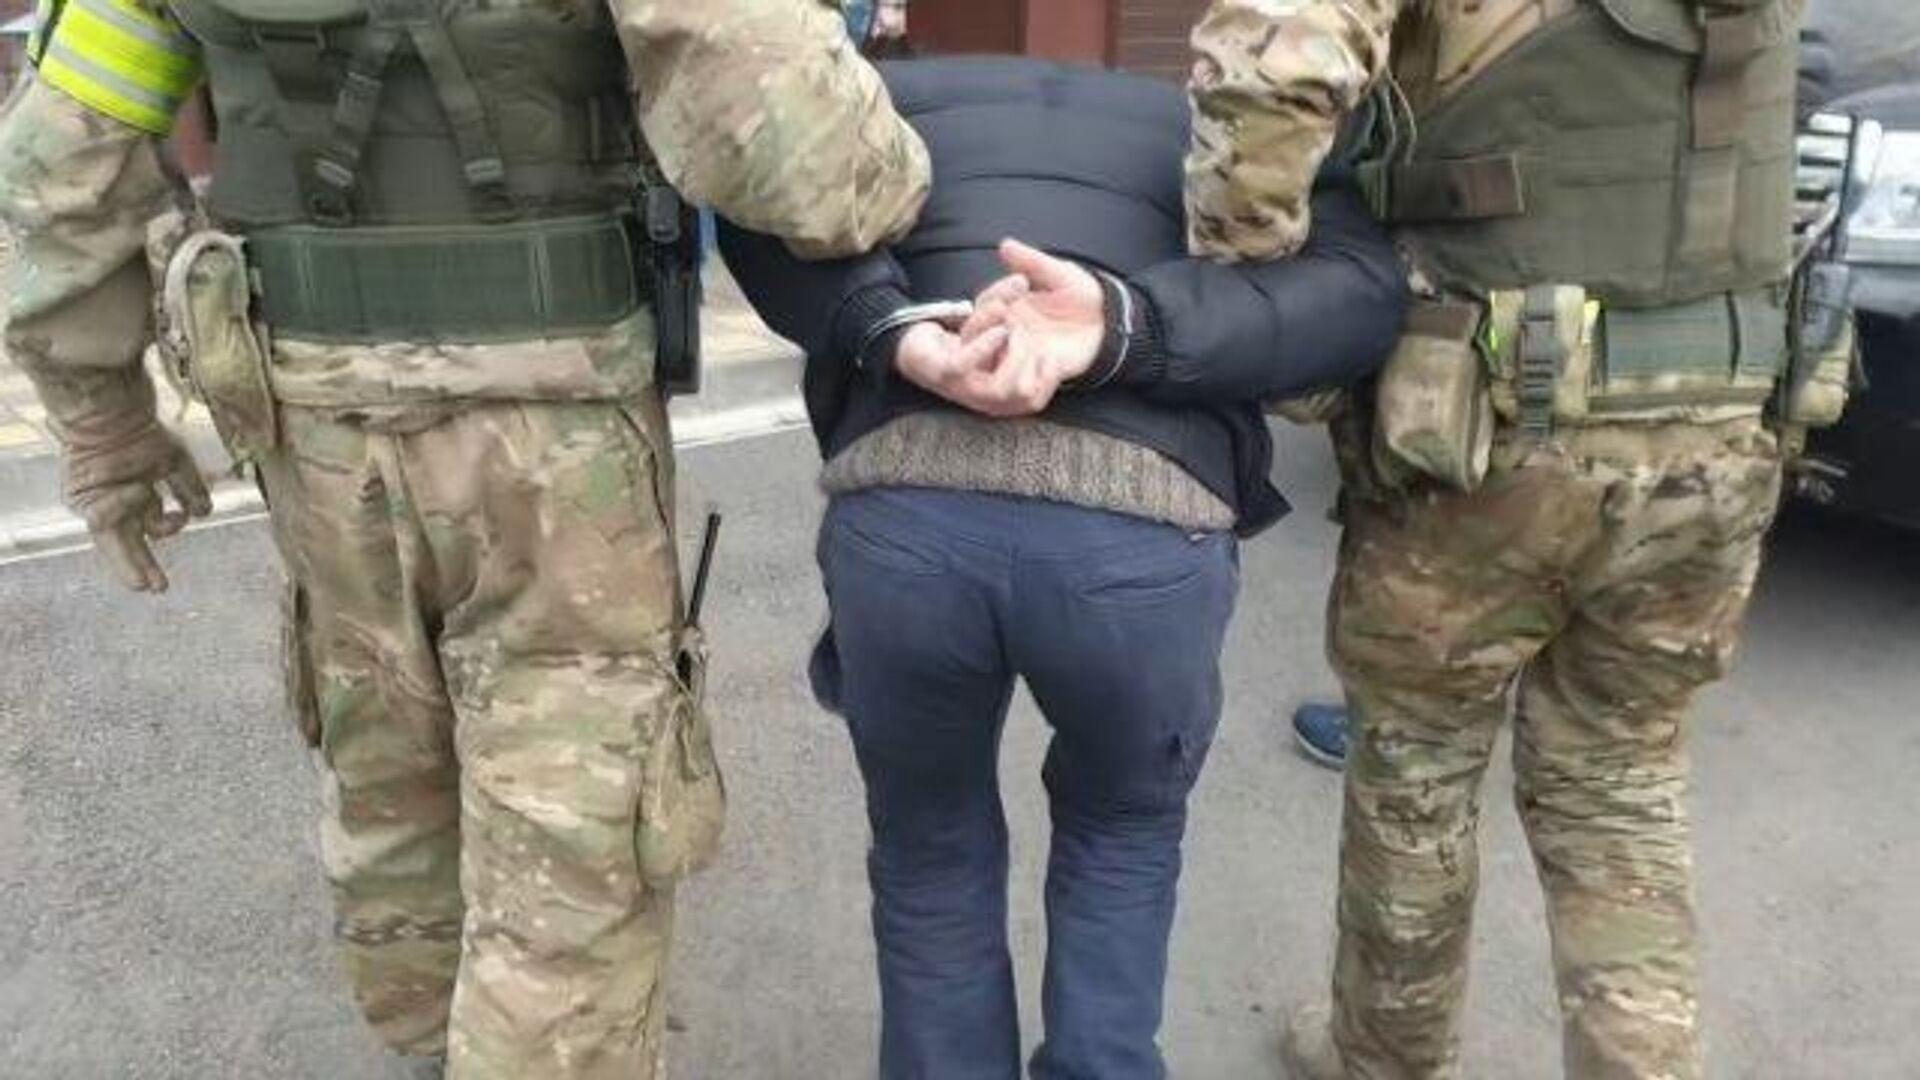 Спецоперация по задержанию 19 исламистов. Съемка ФСБ - РИА Новости, 1920, 17.02.2021